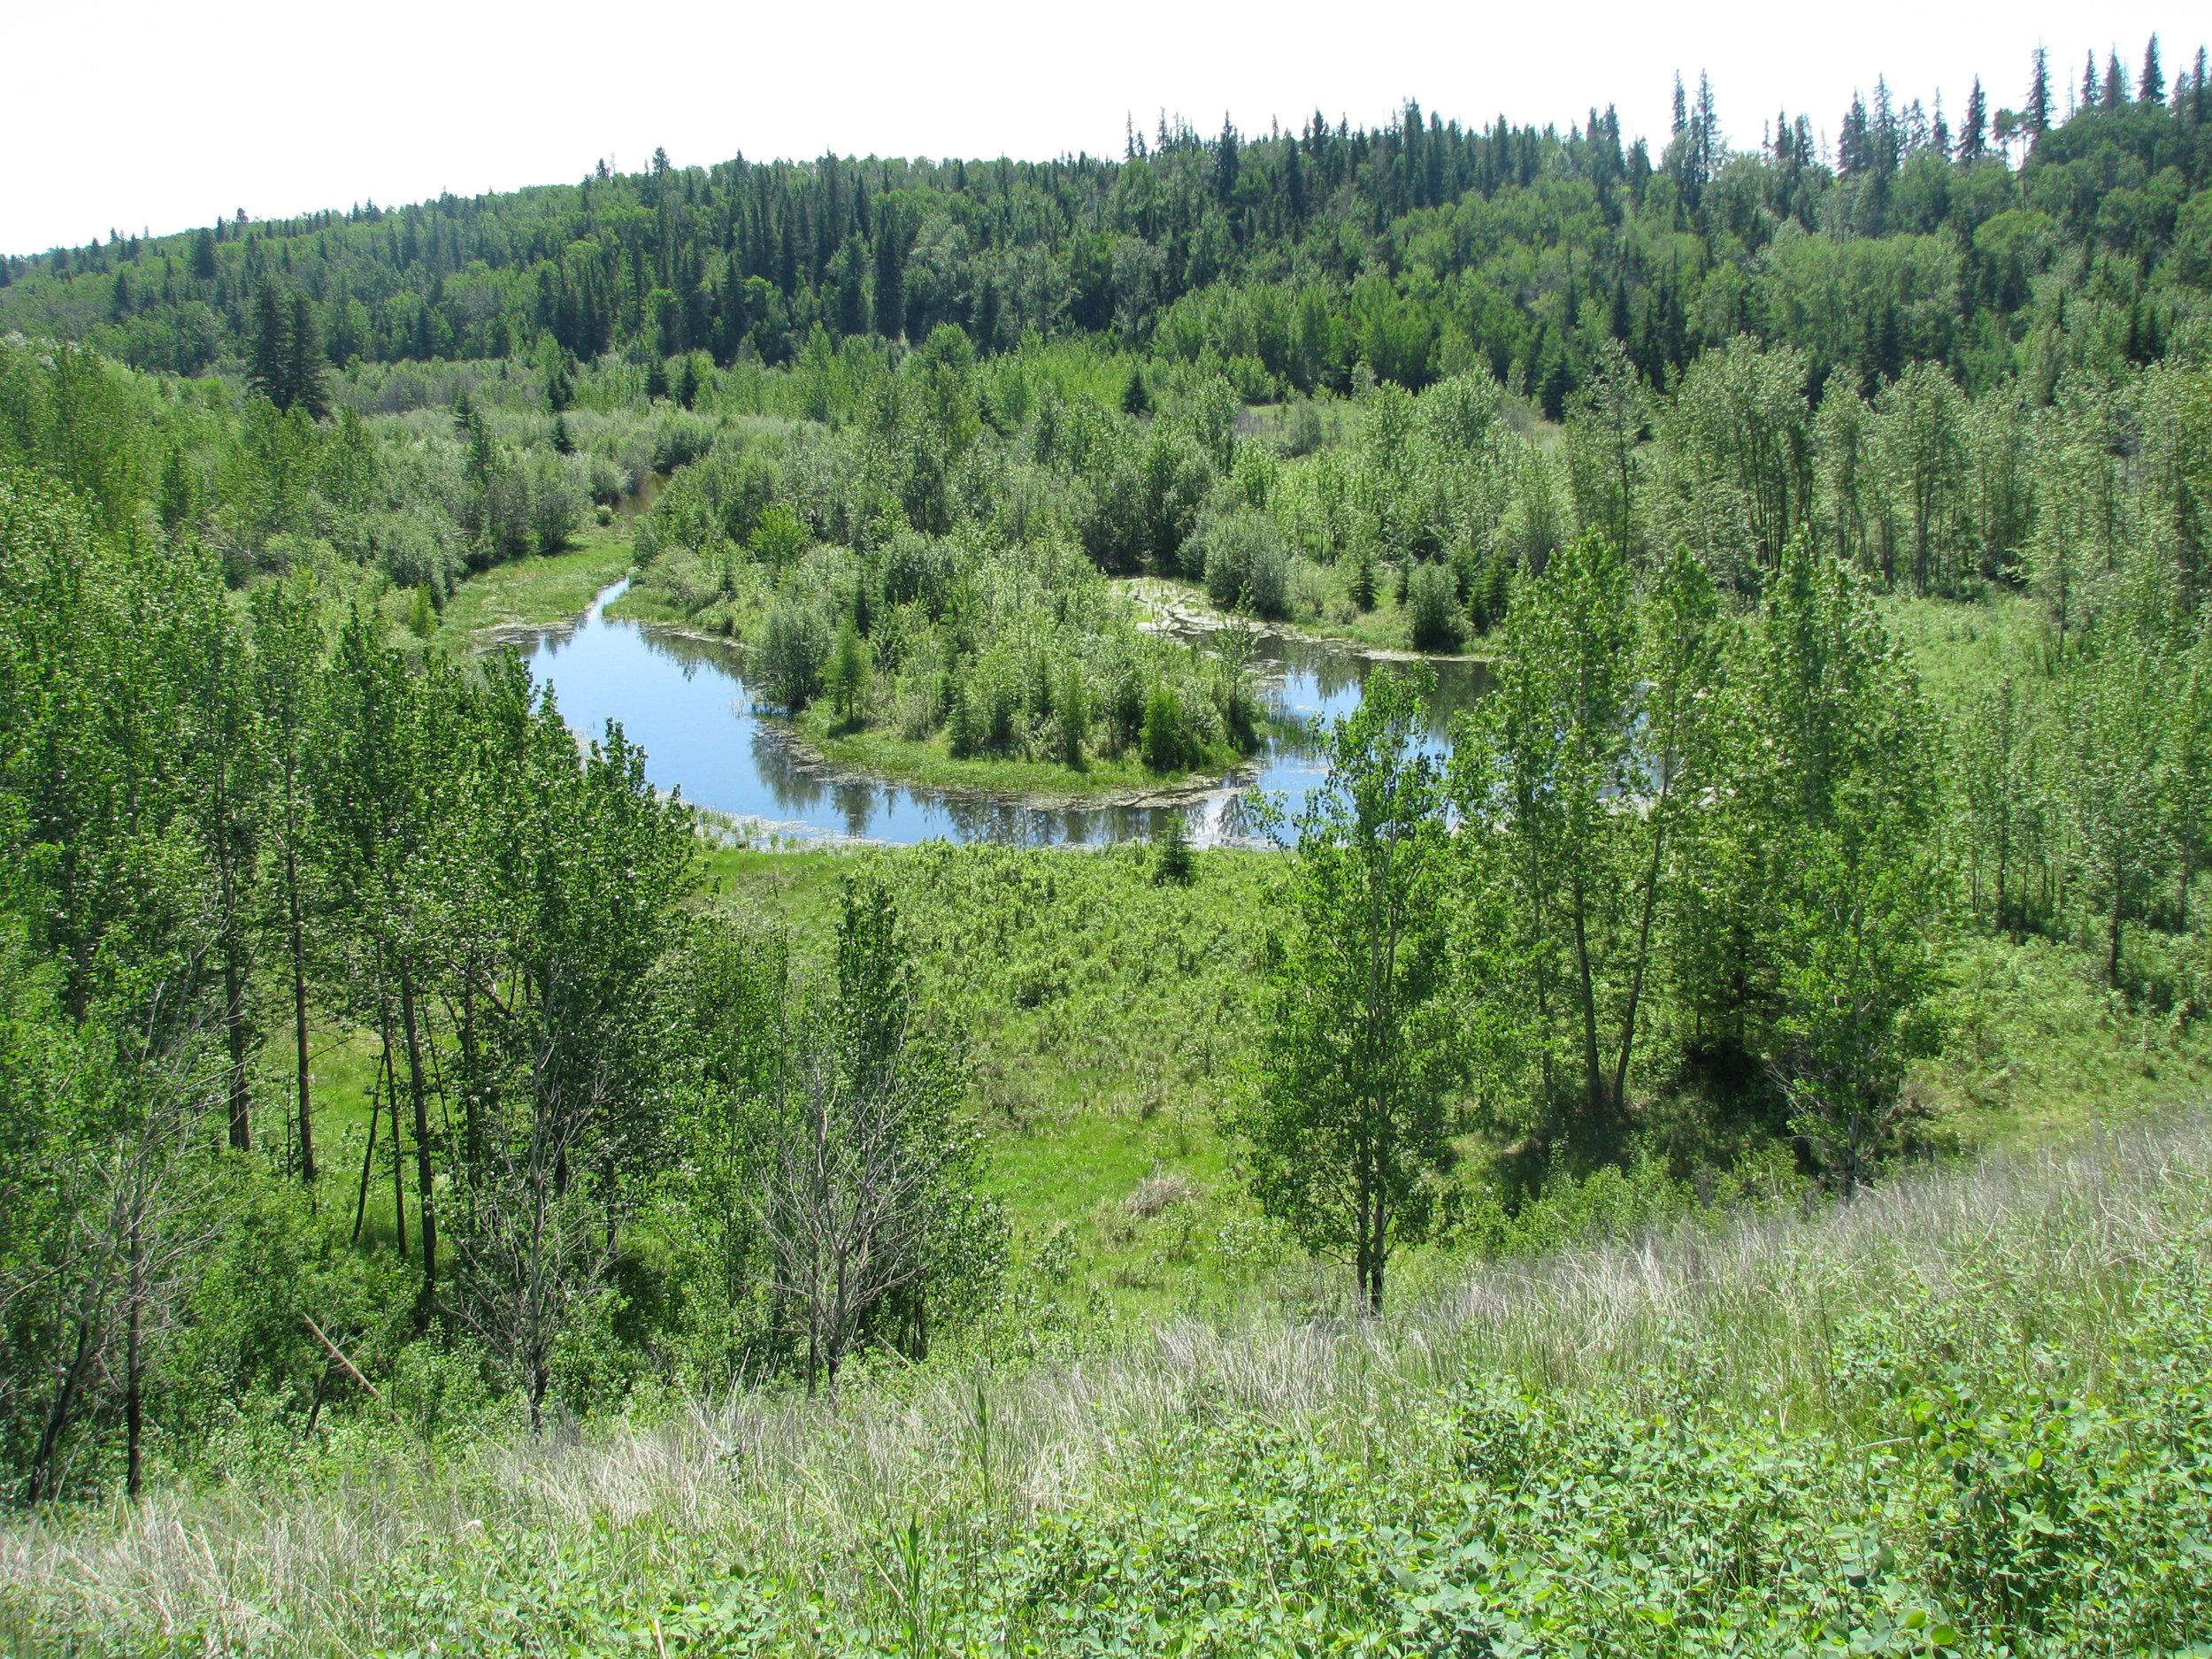 Oxbow Lake next to Pipestone Creek